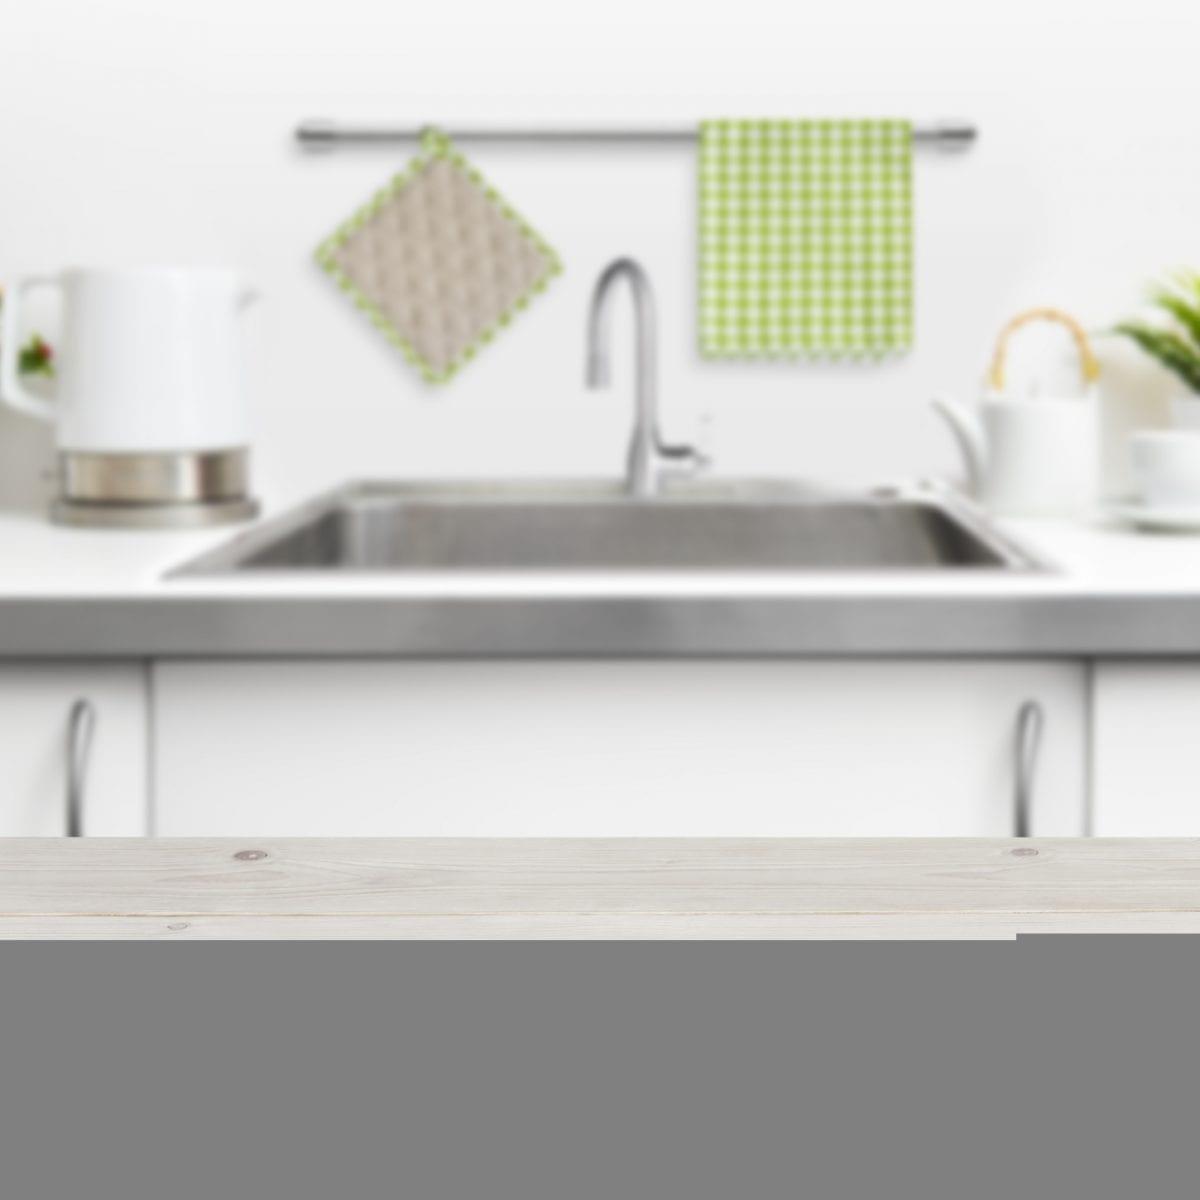 ทำความสะอาดครัว (Kitchen cleaning products)